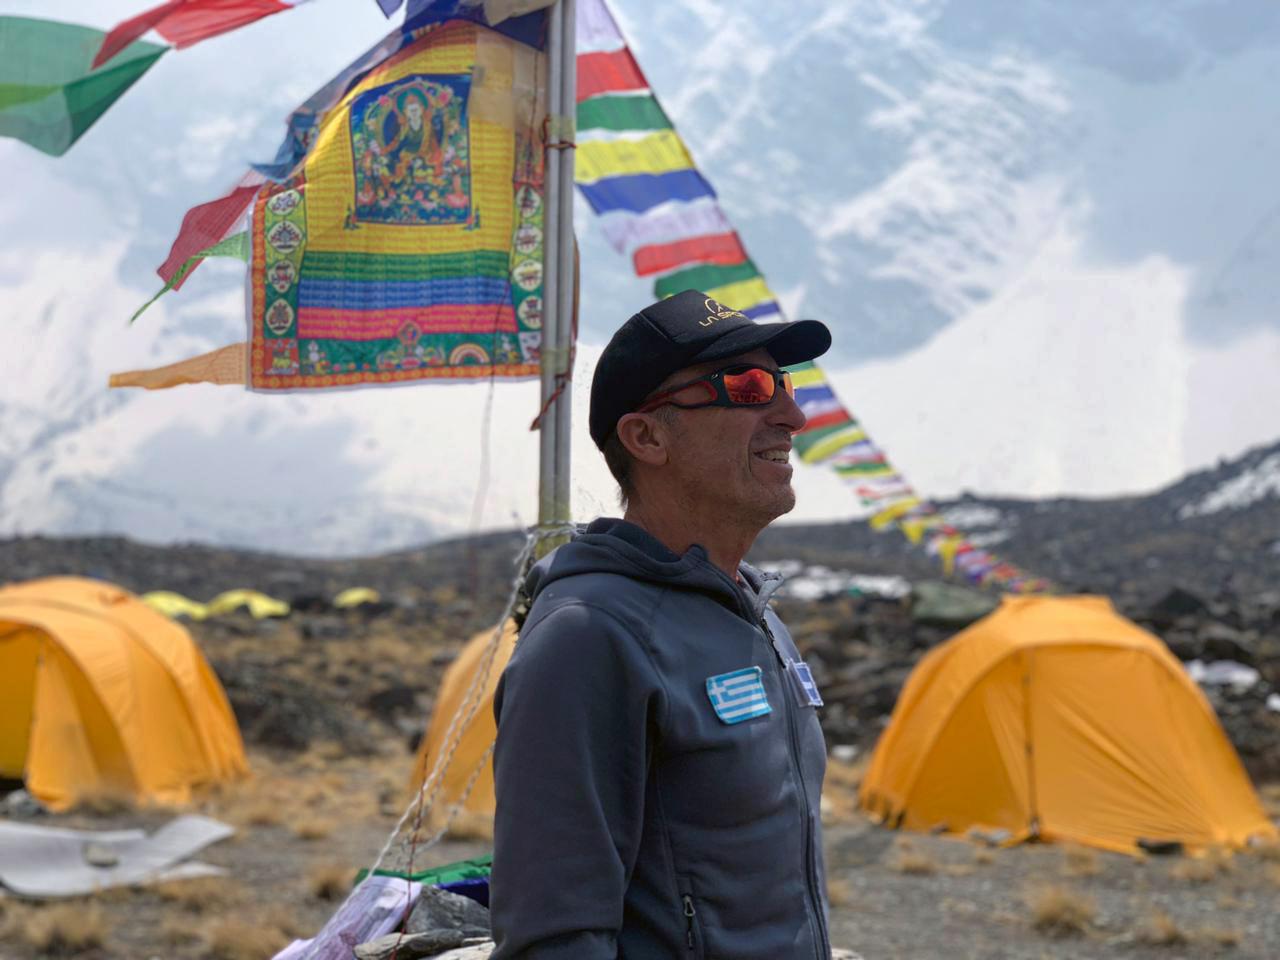 Αντώνης Συκάρης Annapurna Expedition